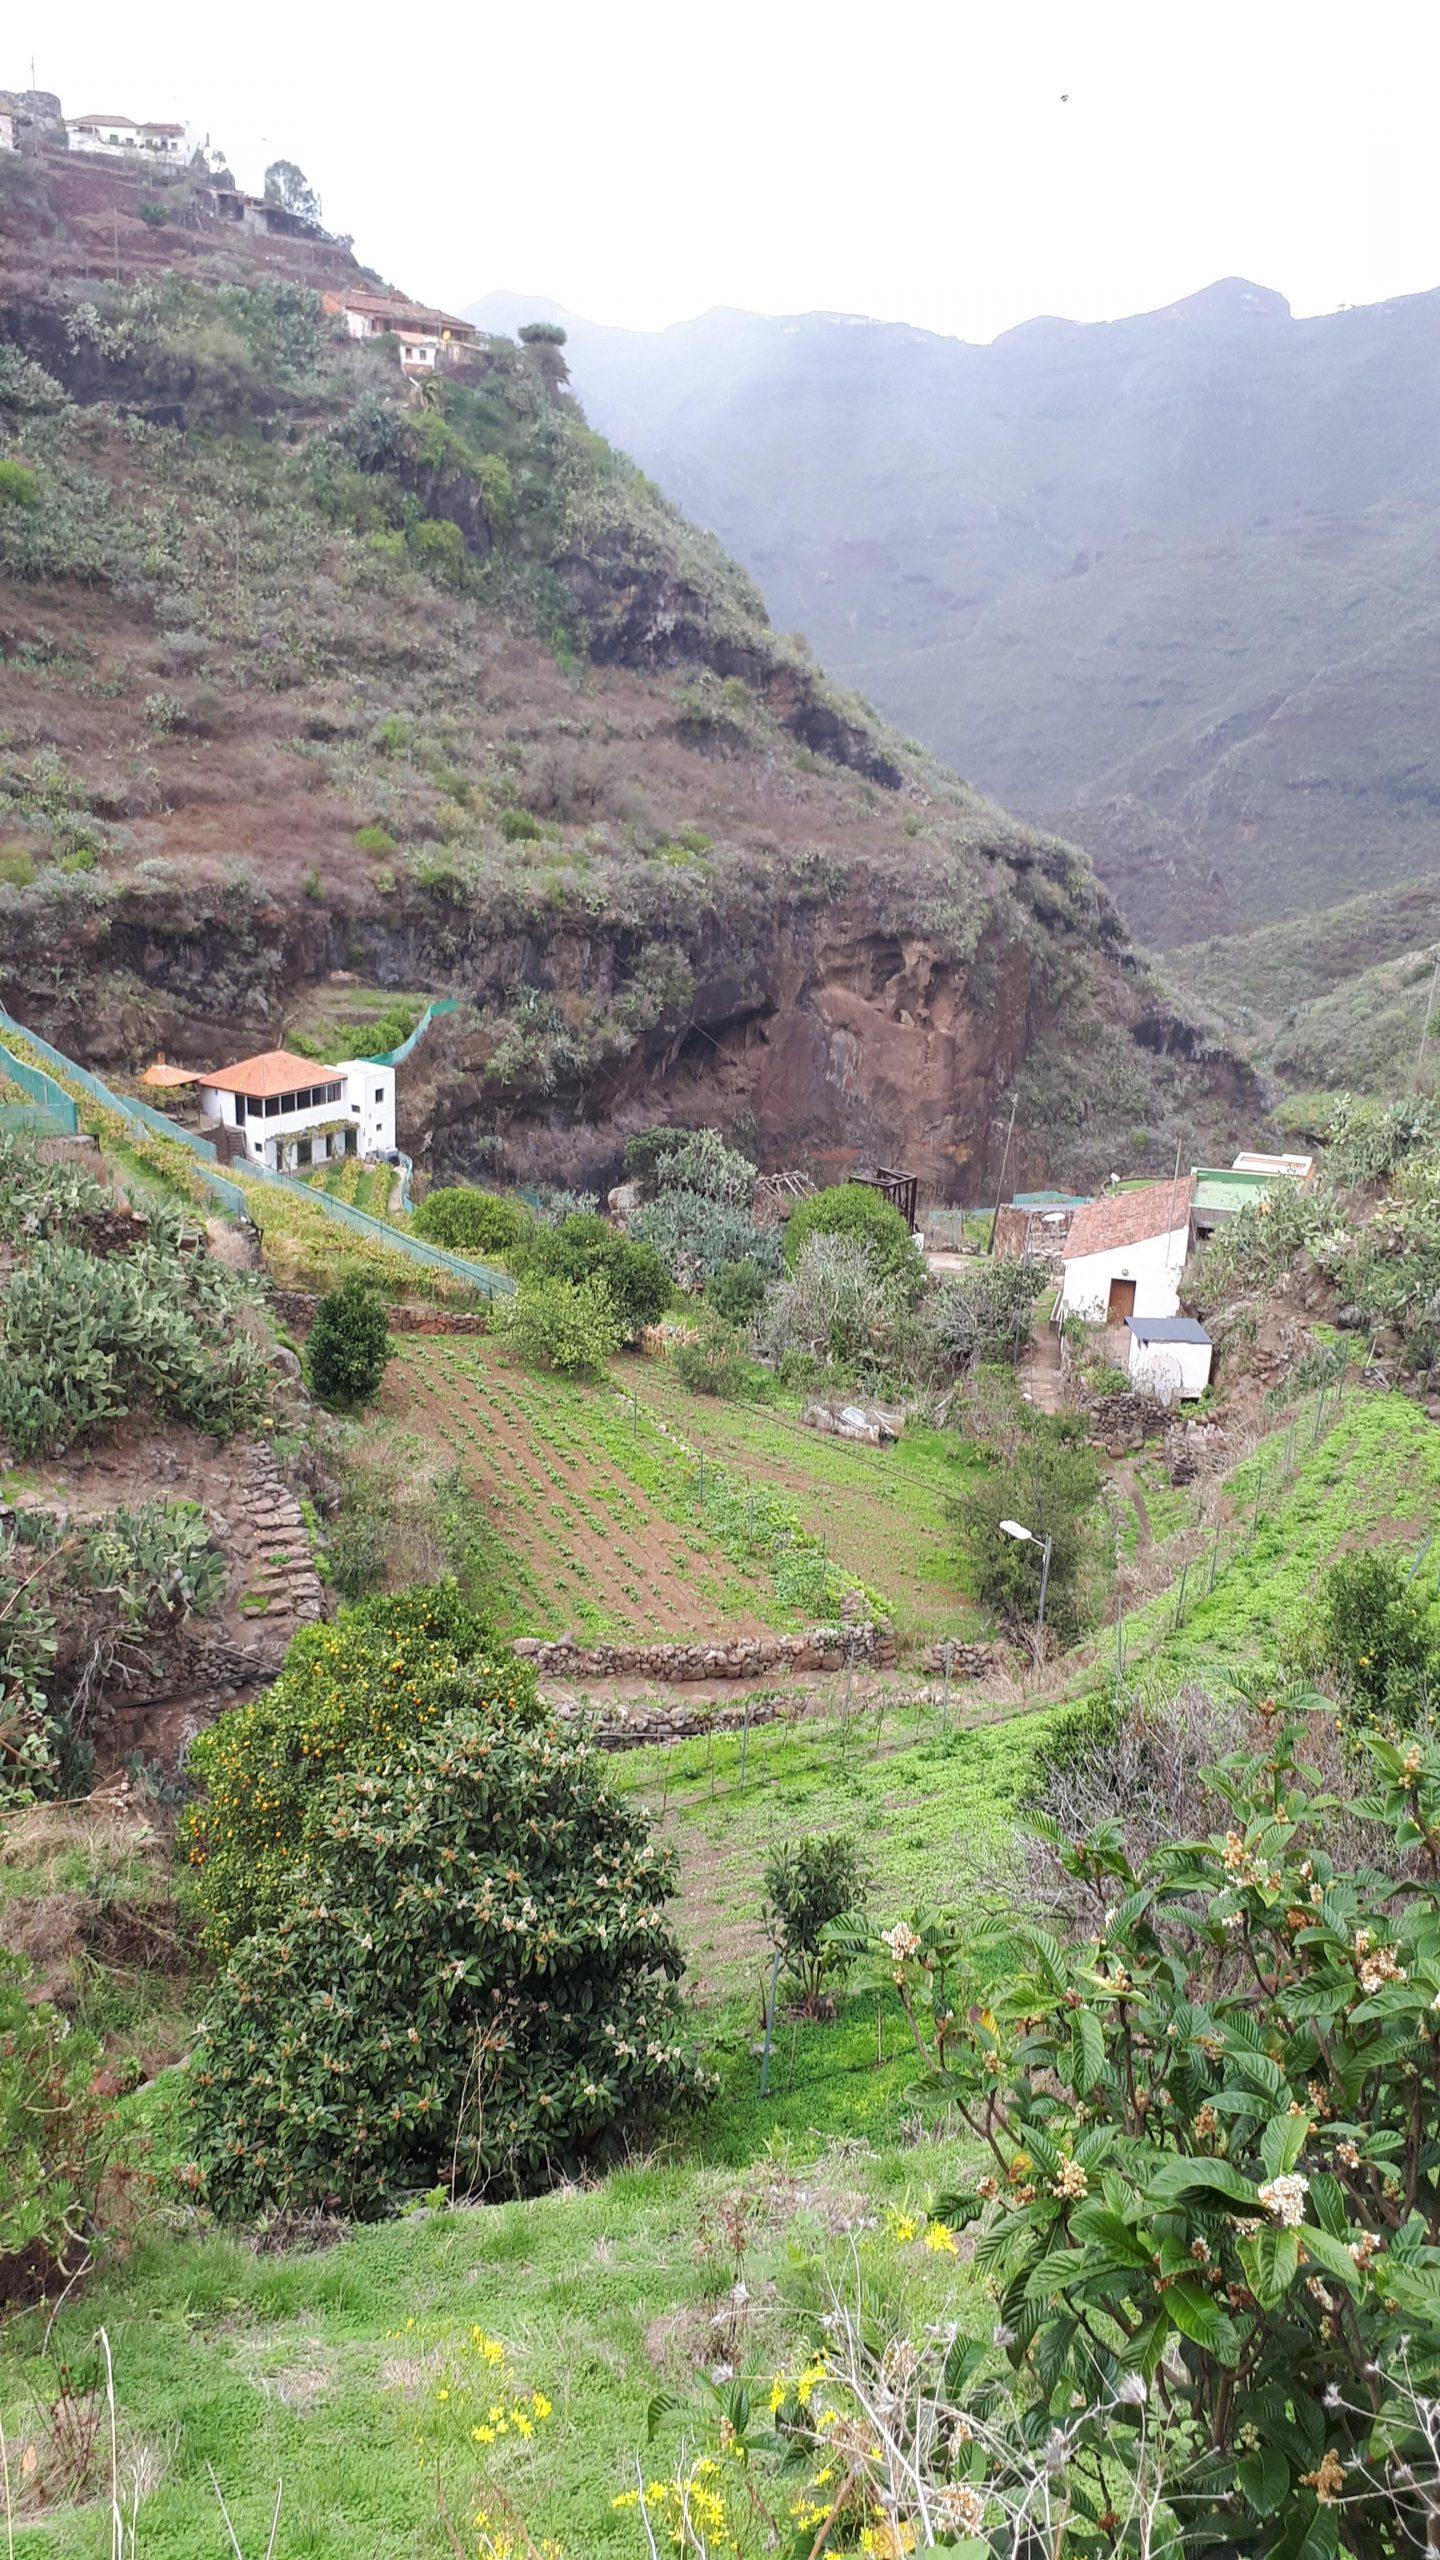 Wanderung nach El Batán